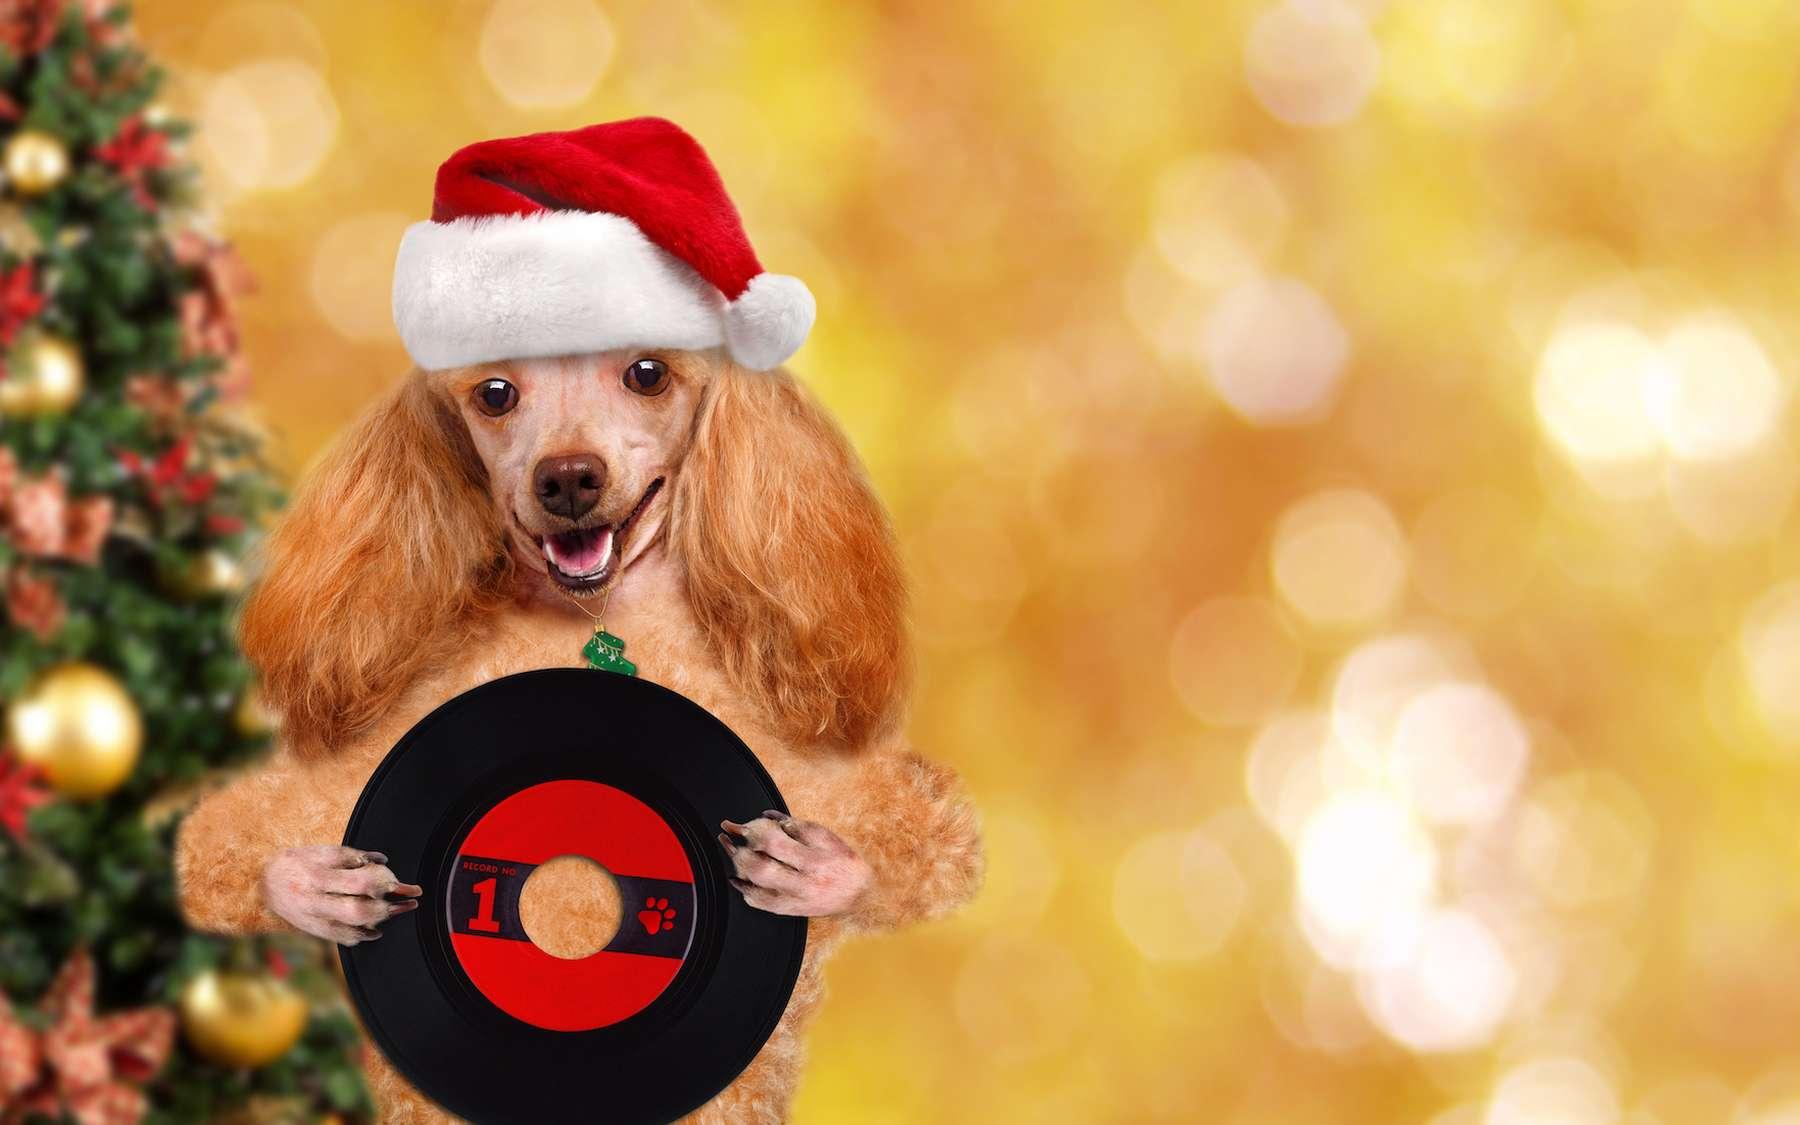 500 disques vinyle de ce chant de Noël spécialement conçu pour les chiens seront vendus au profit d'une œuvre caritative. © Rasulov, Adobe Stock